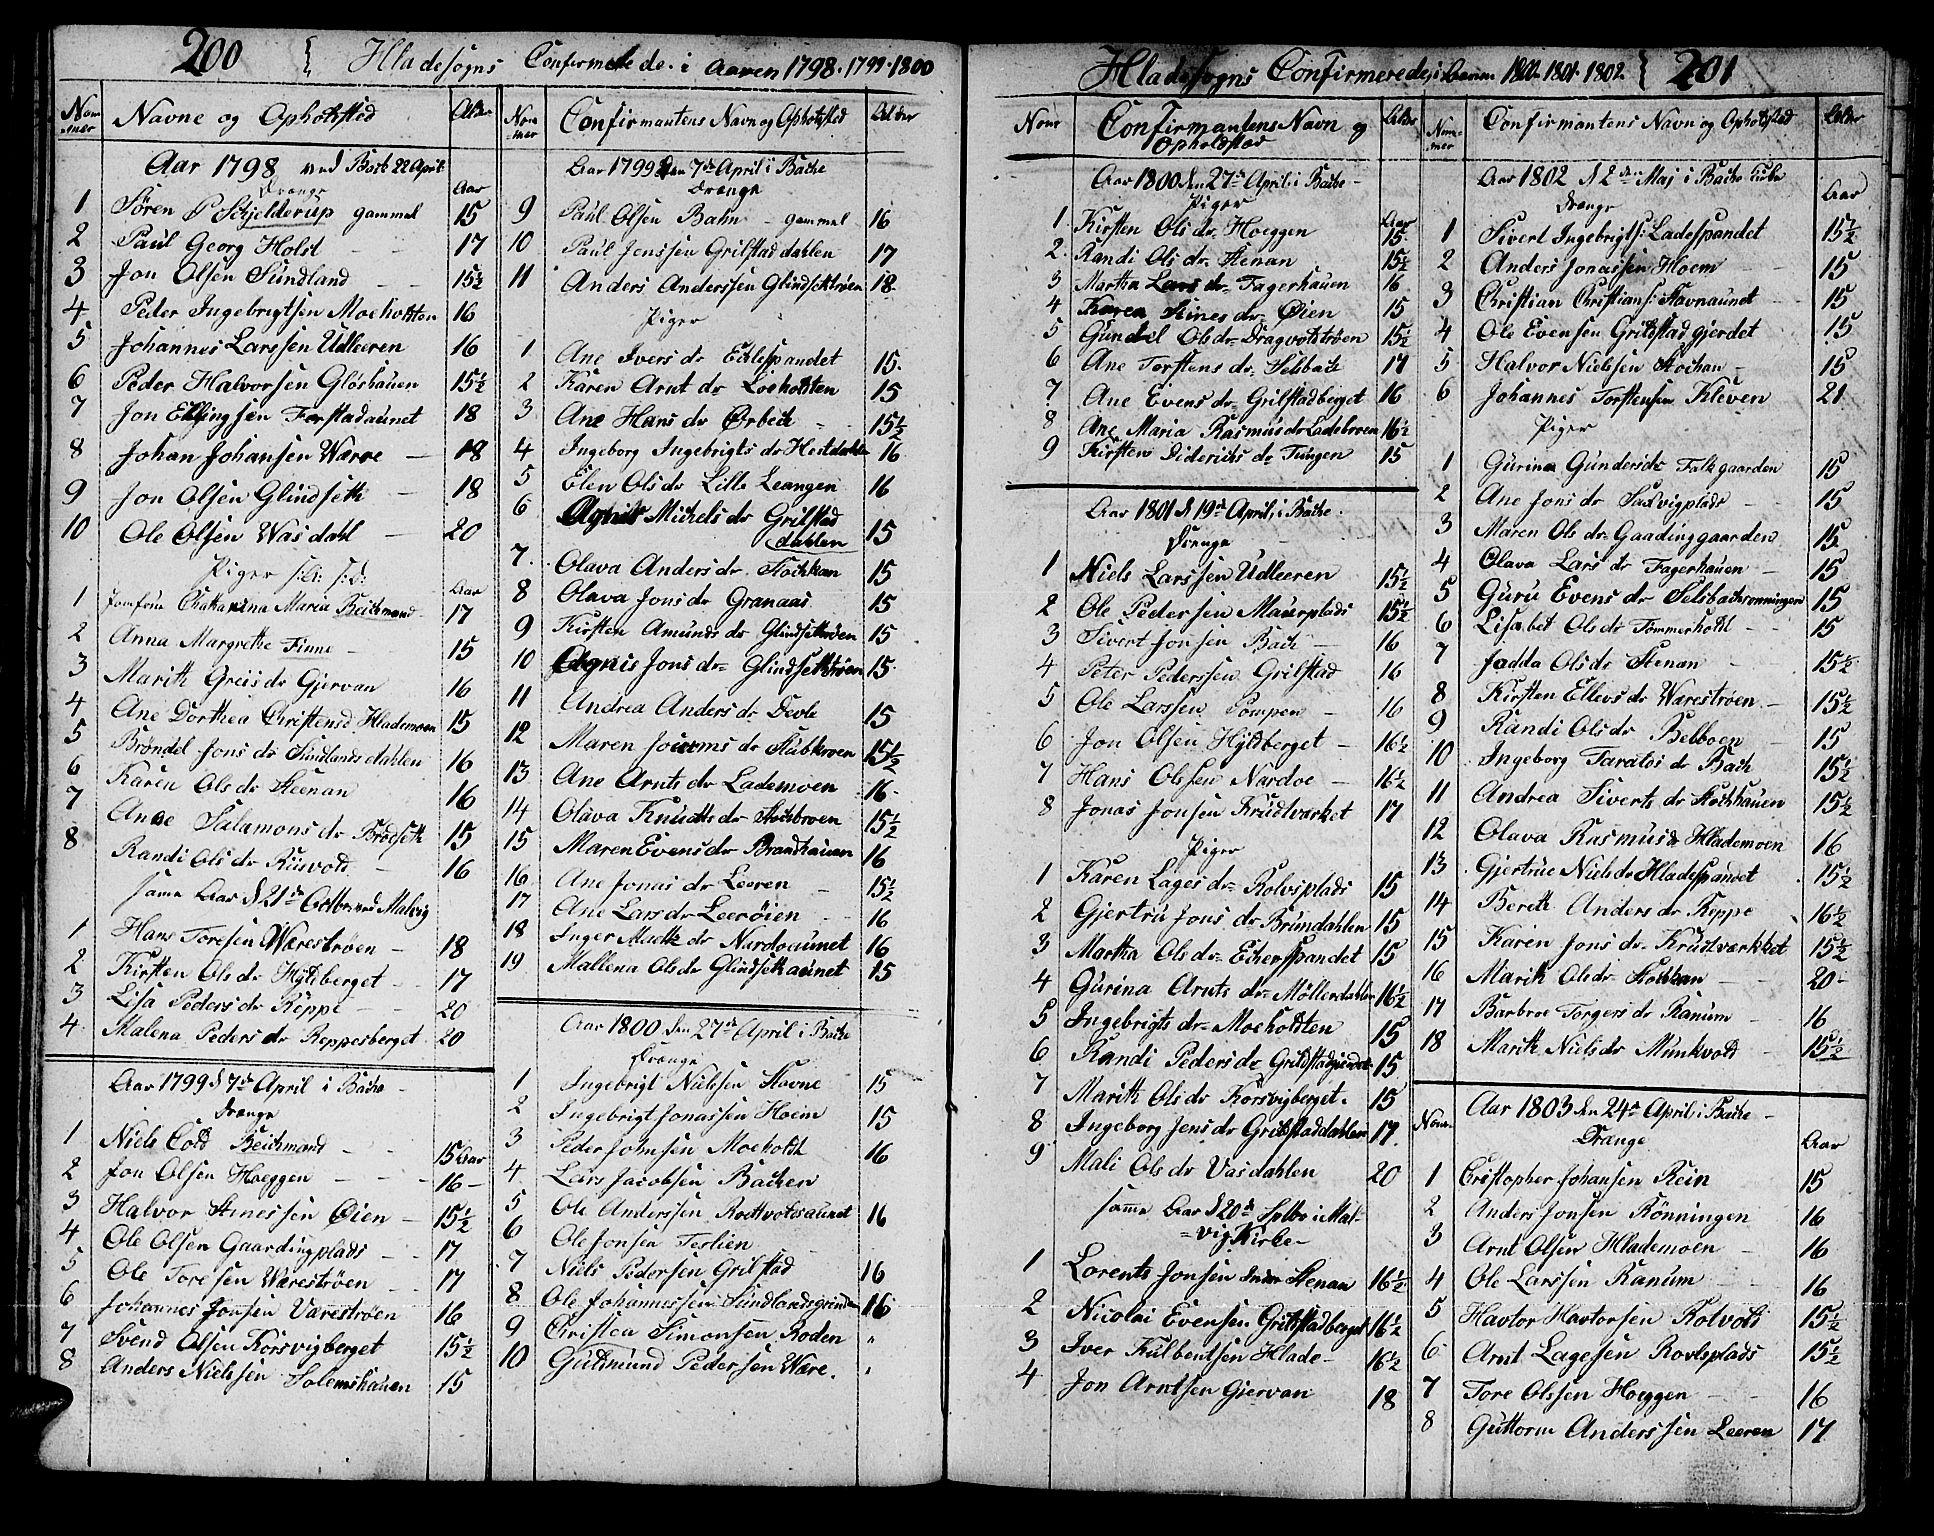 SAT, Ministerialprotokoller, klokkerbøker og fødselsregistre - Sør-Trøndelag, 606/L0306: Klokkerbok nr. 606C02, 1797-1829, s. 200-201